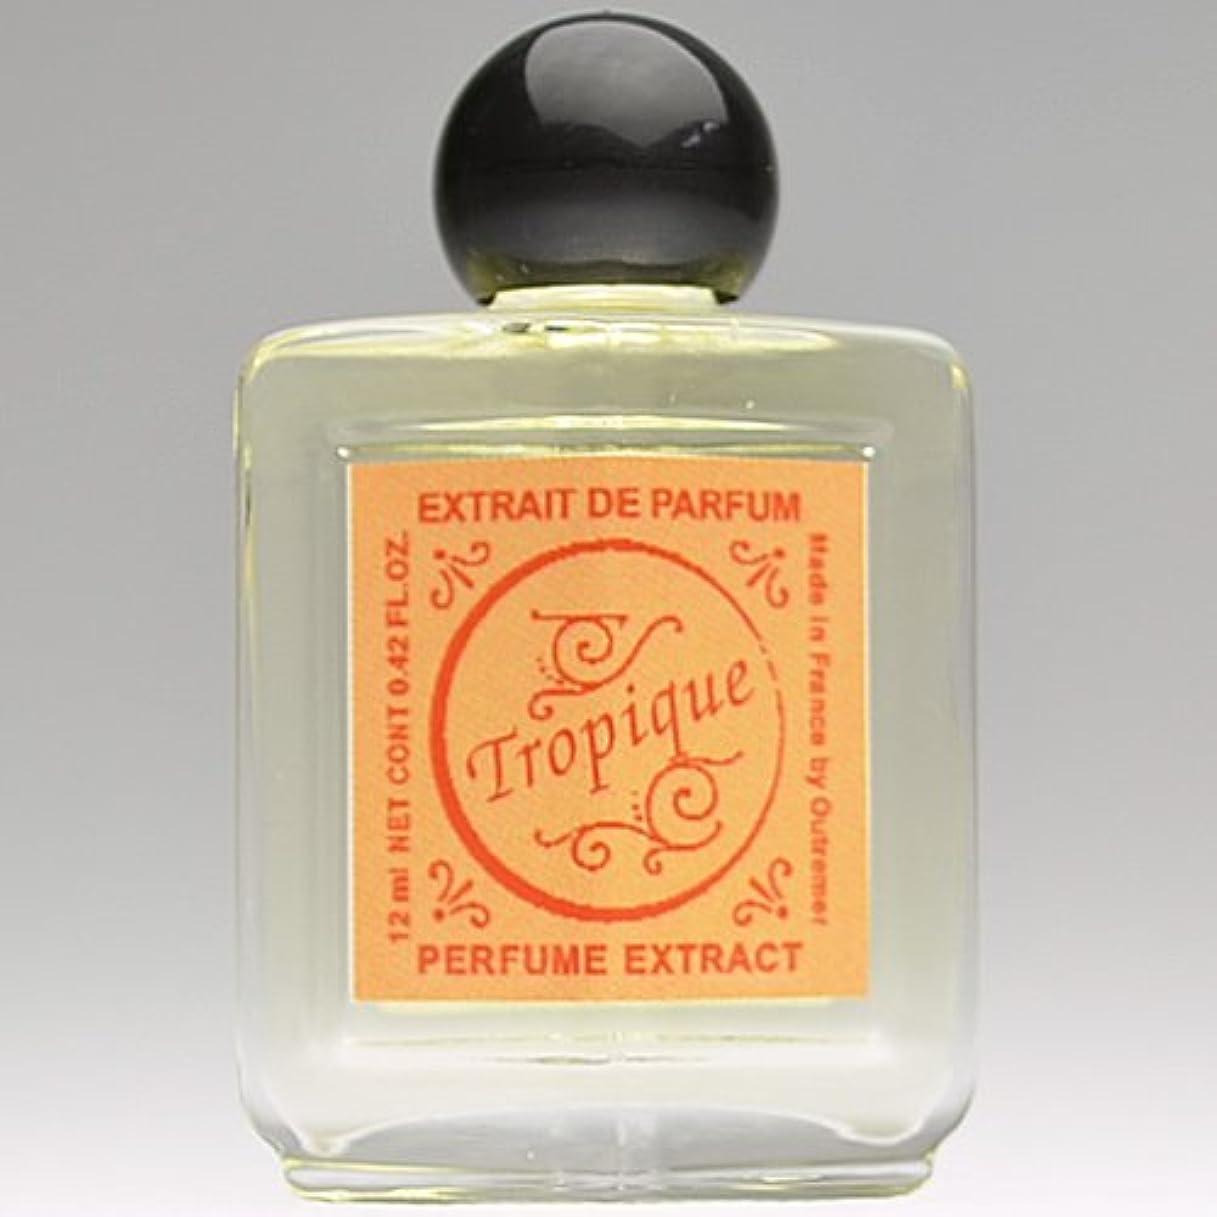 マージン相反するテンポL'Aromarine(アロマリン) パフュームエクストラクト(アロマオイル) 12ml 「ローズ」 4994228017123